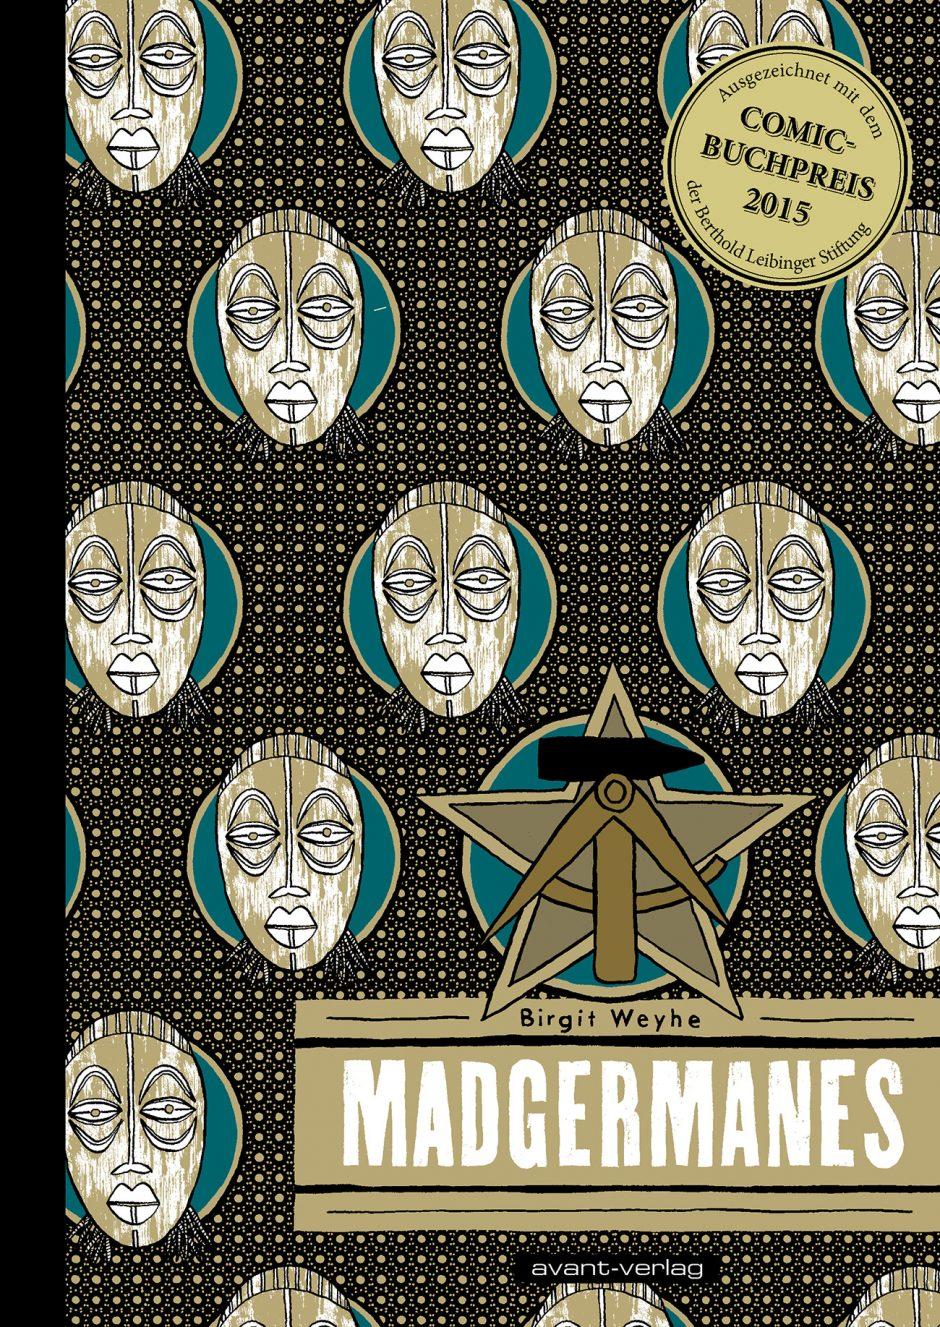 Aus Birgit Weyhes Buch »Madgermanes« (Ausstellung Rote Flora, Achidi-John-Platz 1)